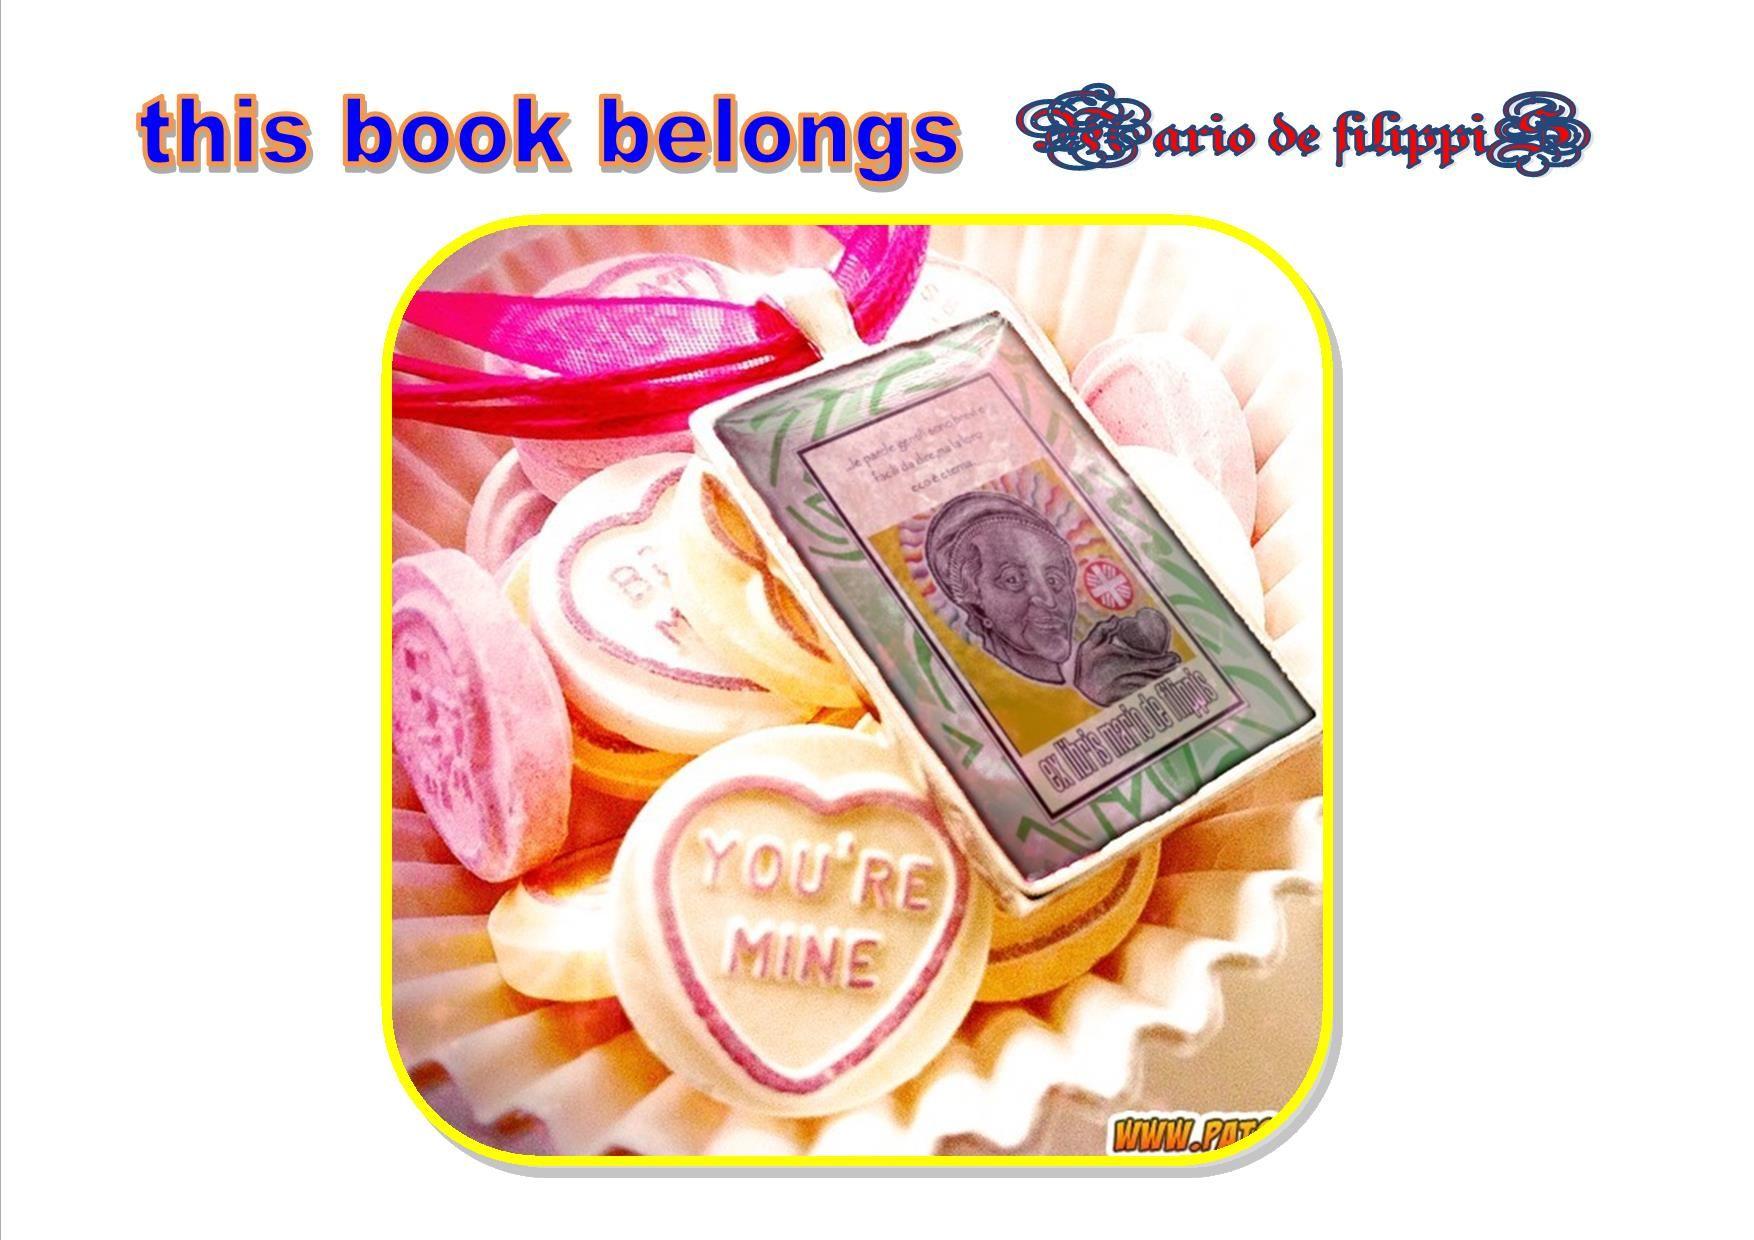 ex libris mario de filippis